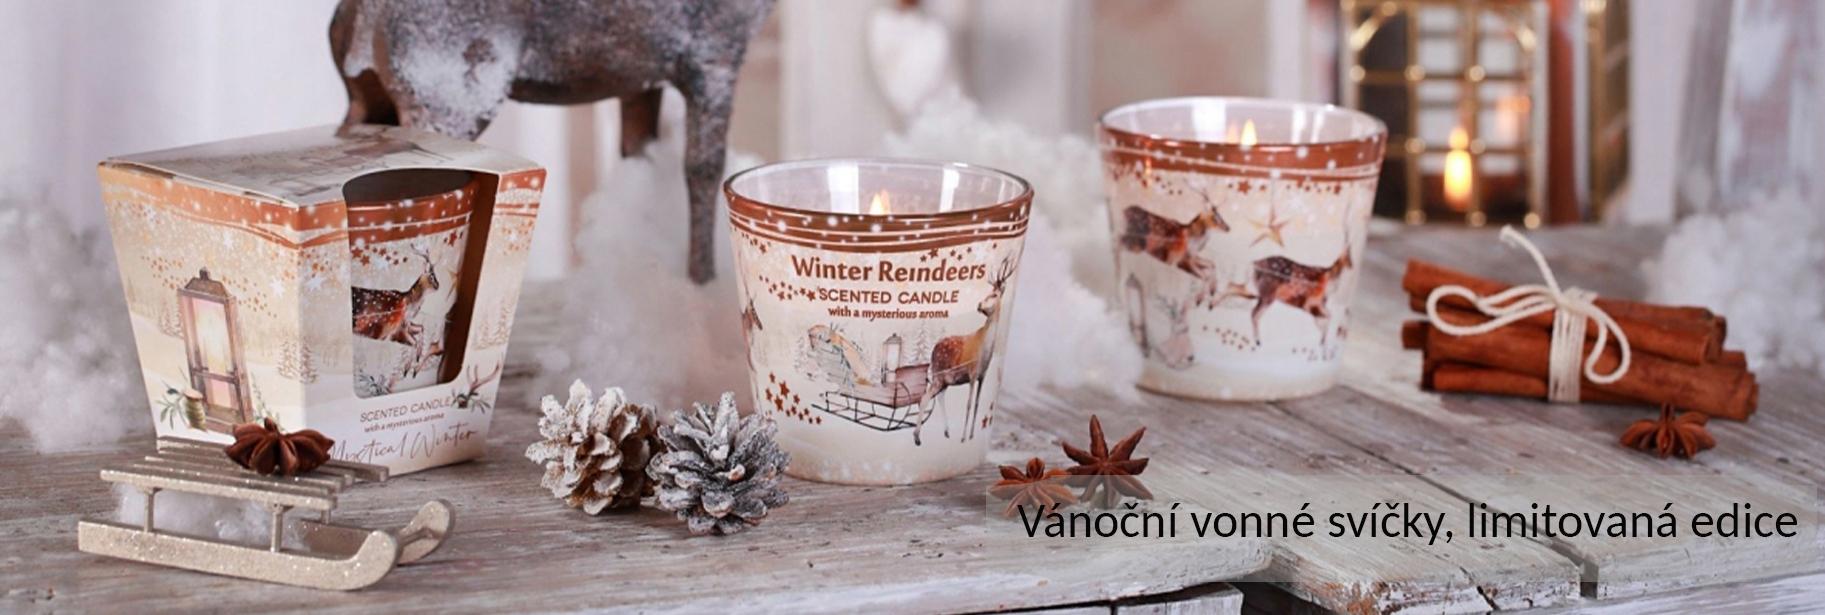 Vánoční vonné svíčky DK